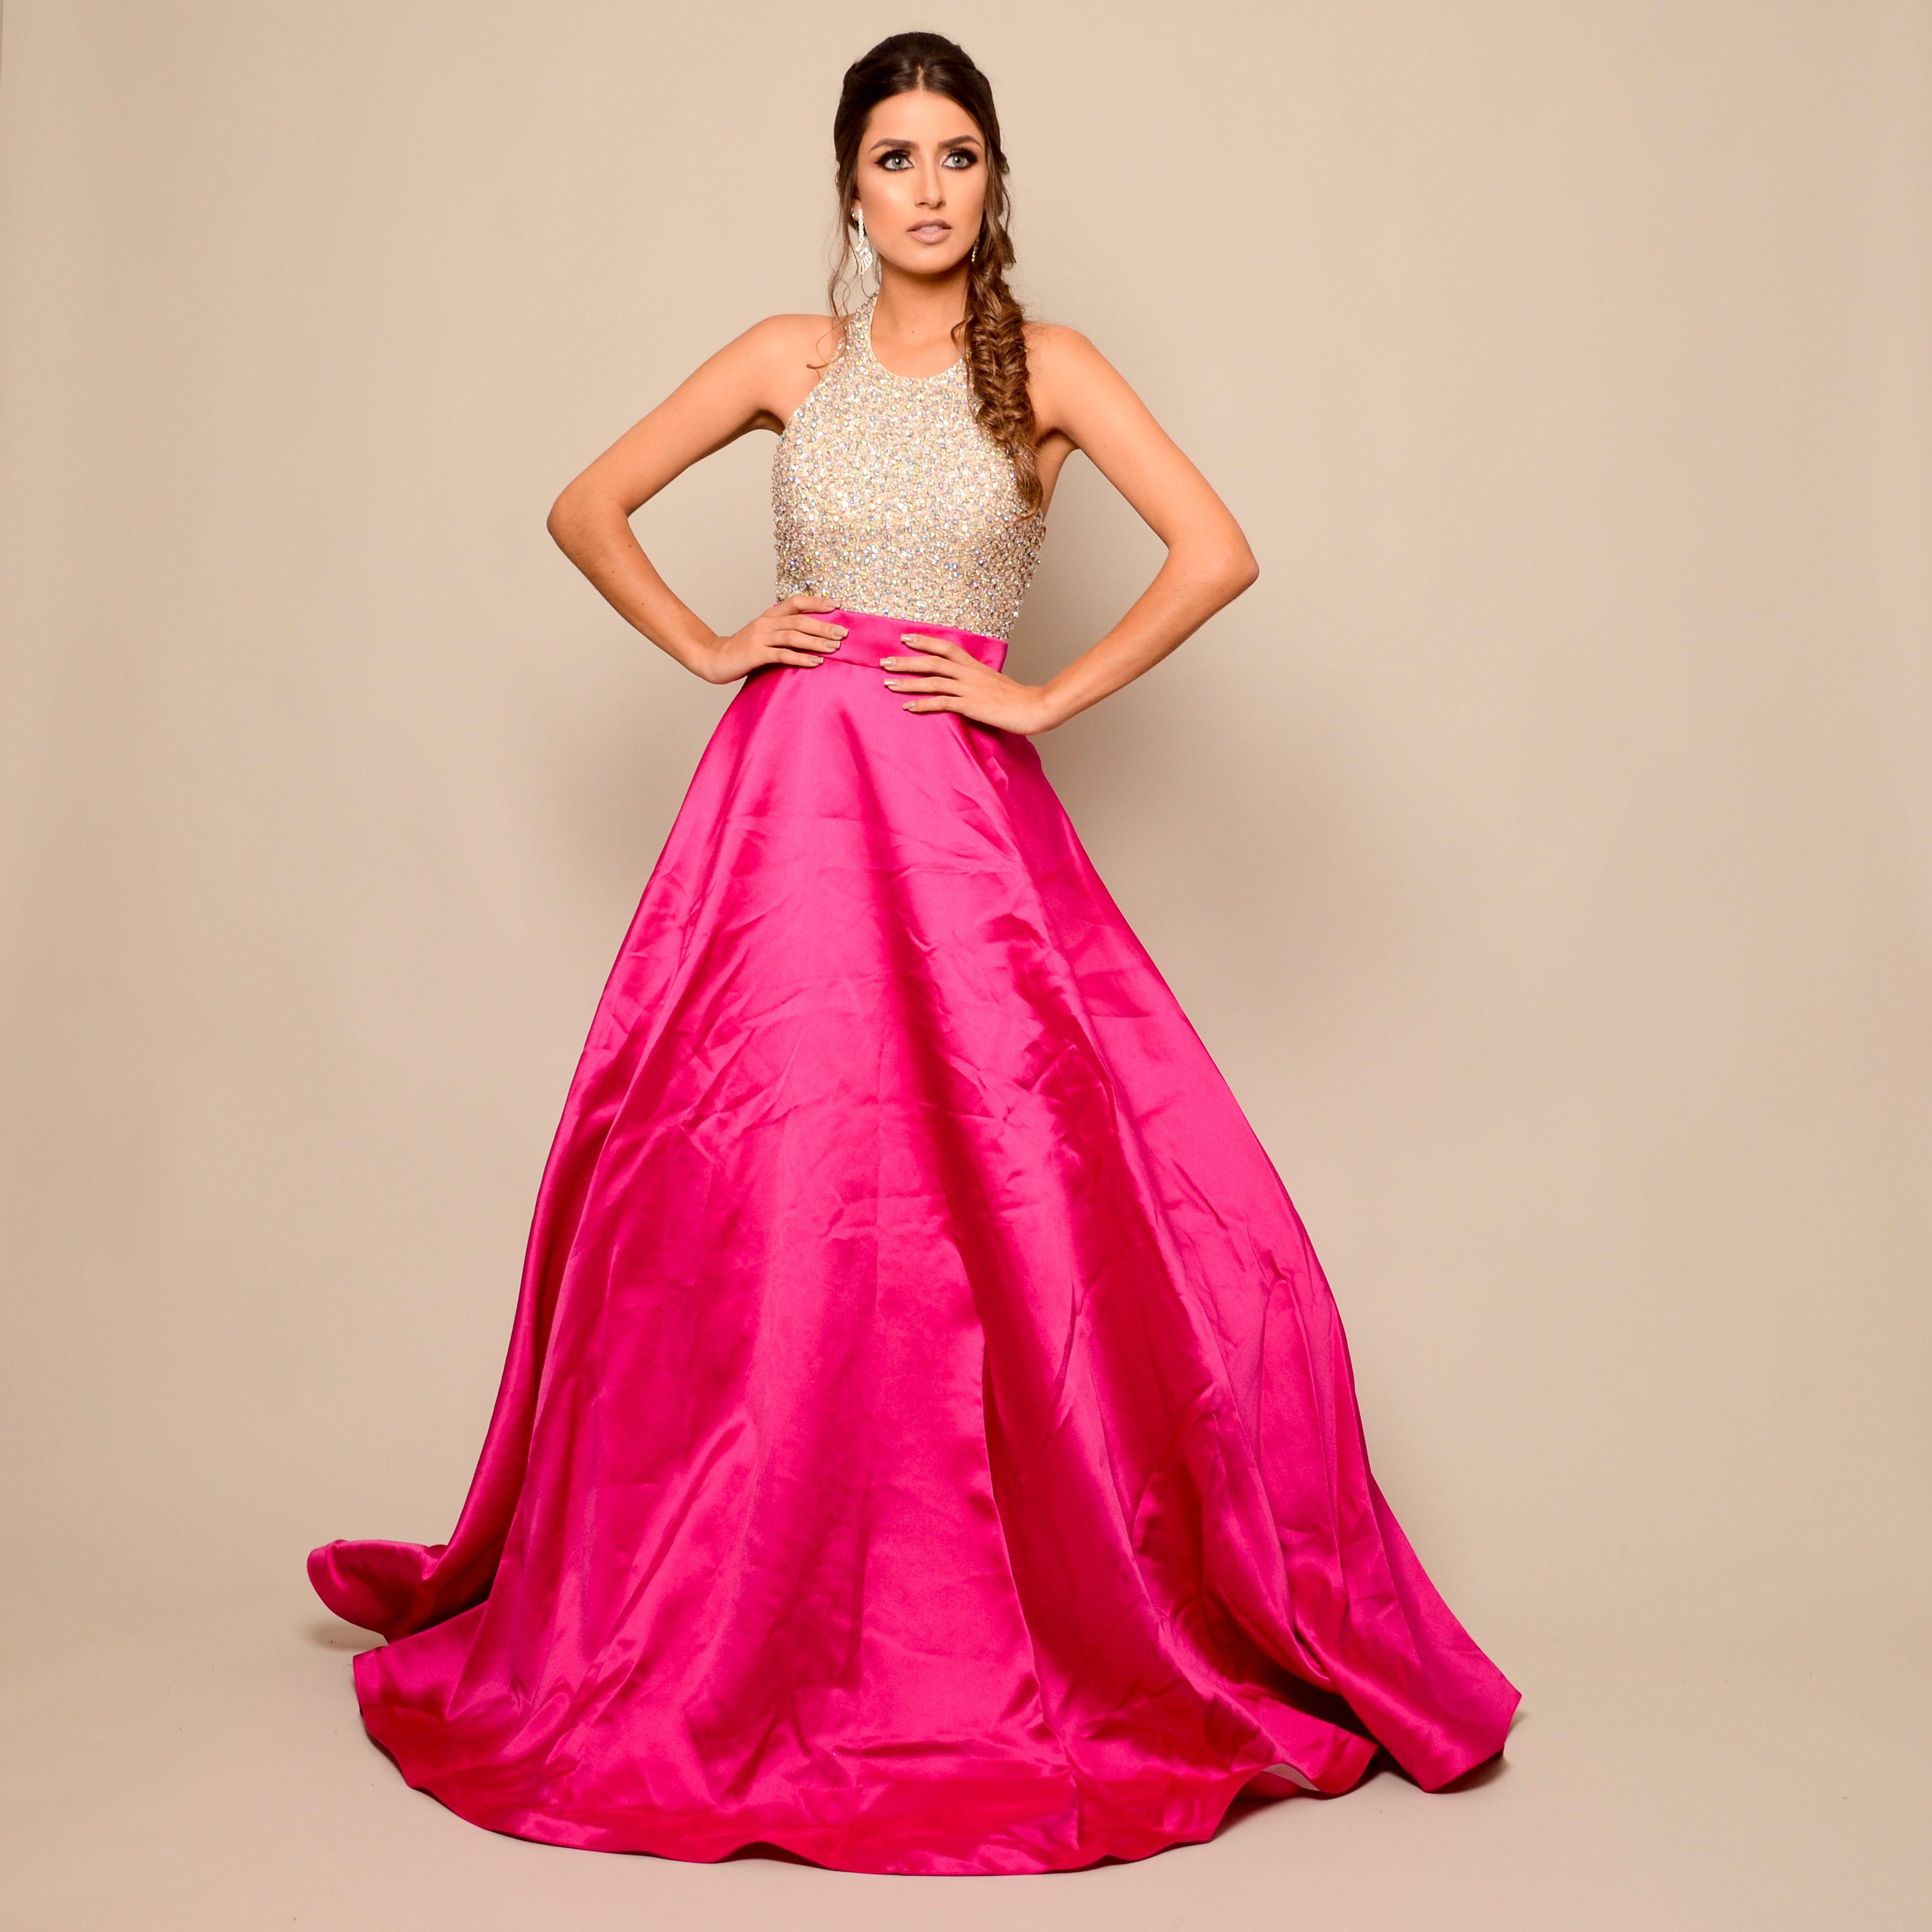 Vestido de festa modelo princesa para aluguel em Belo Horizonte e BH ...